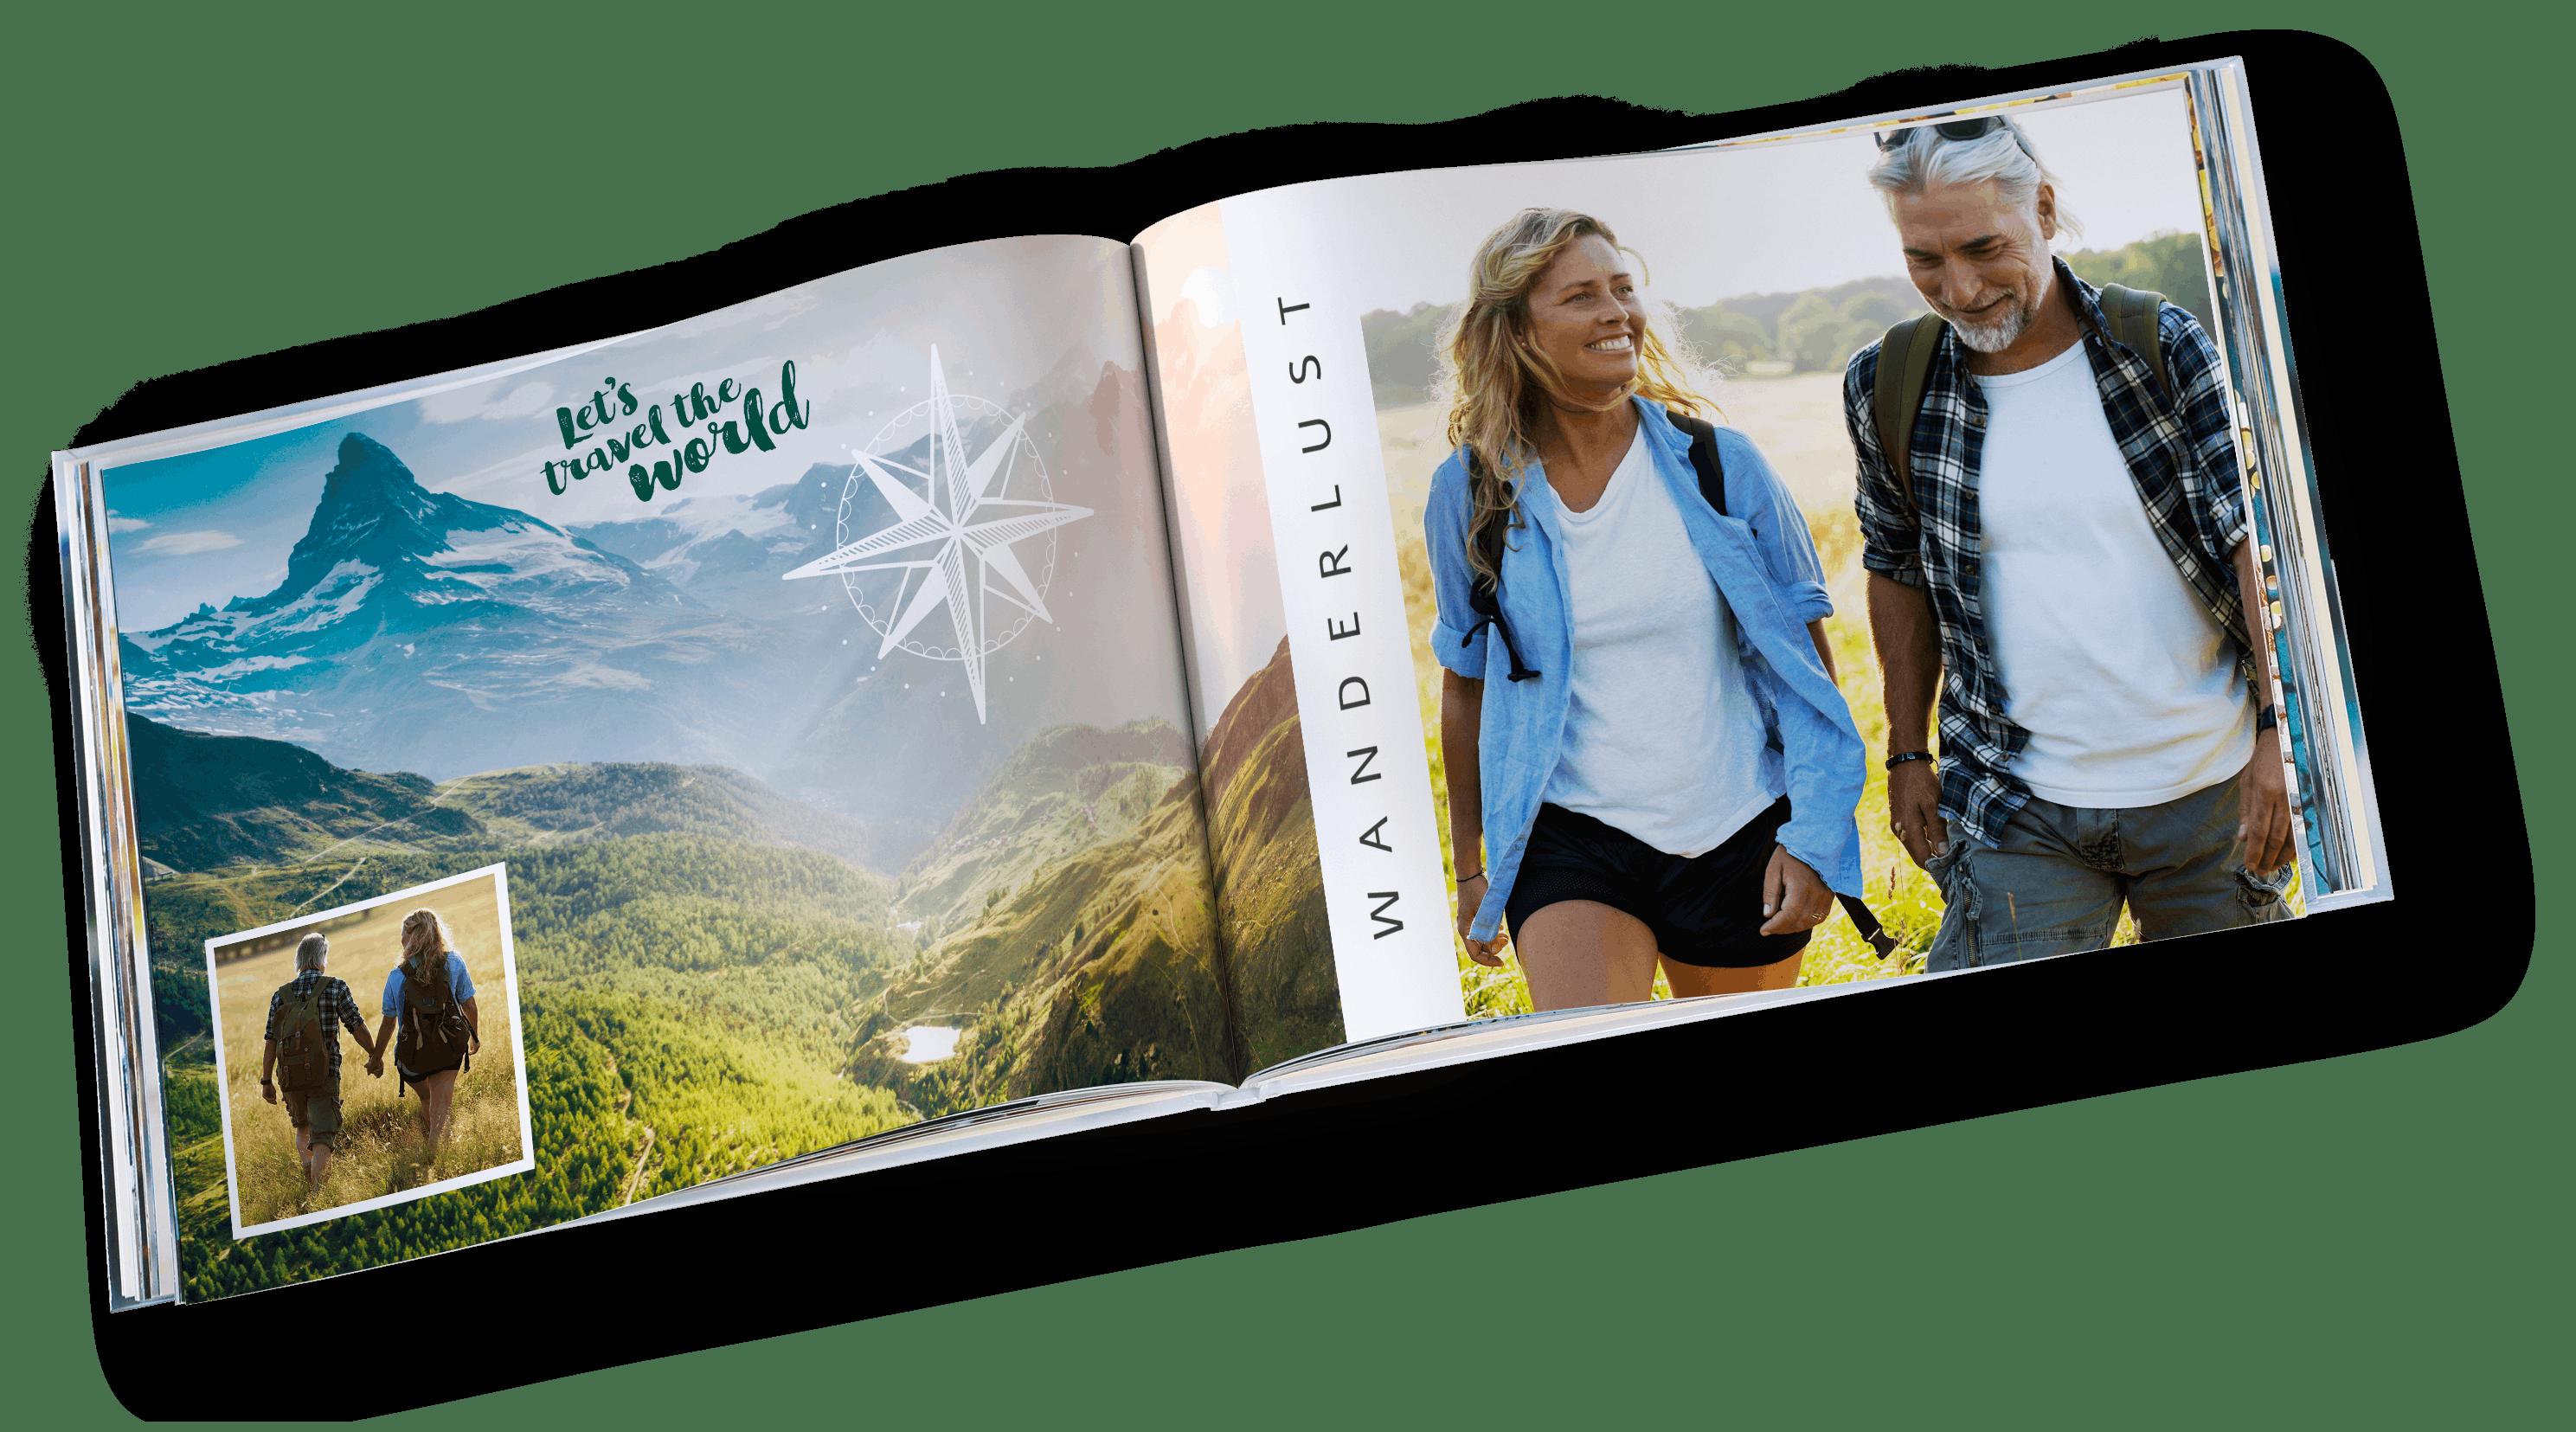 Pixum Fotobuch im Querformat mit Wanderunrlaub Motiven